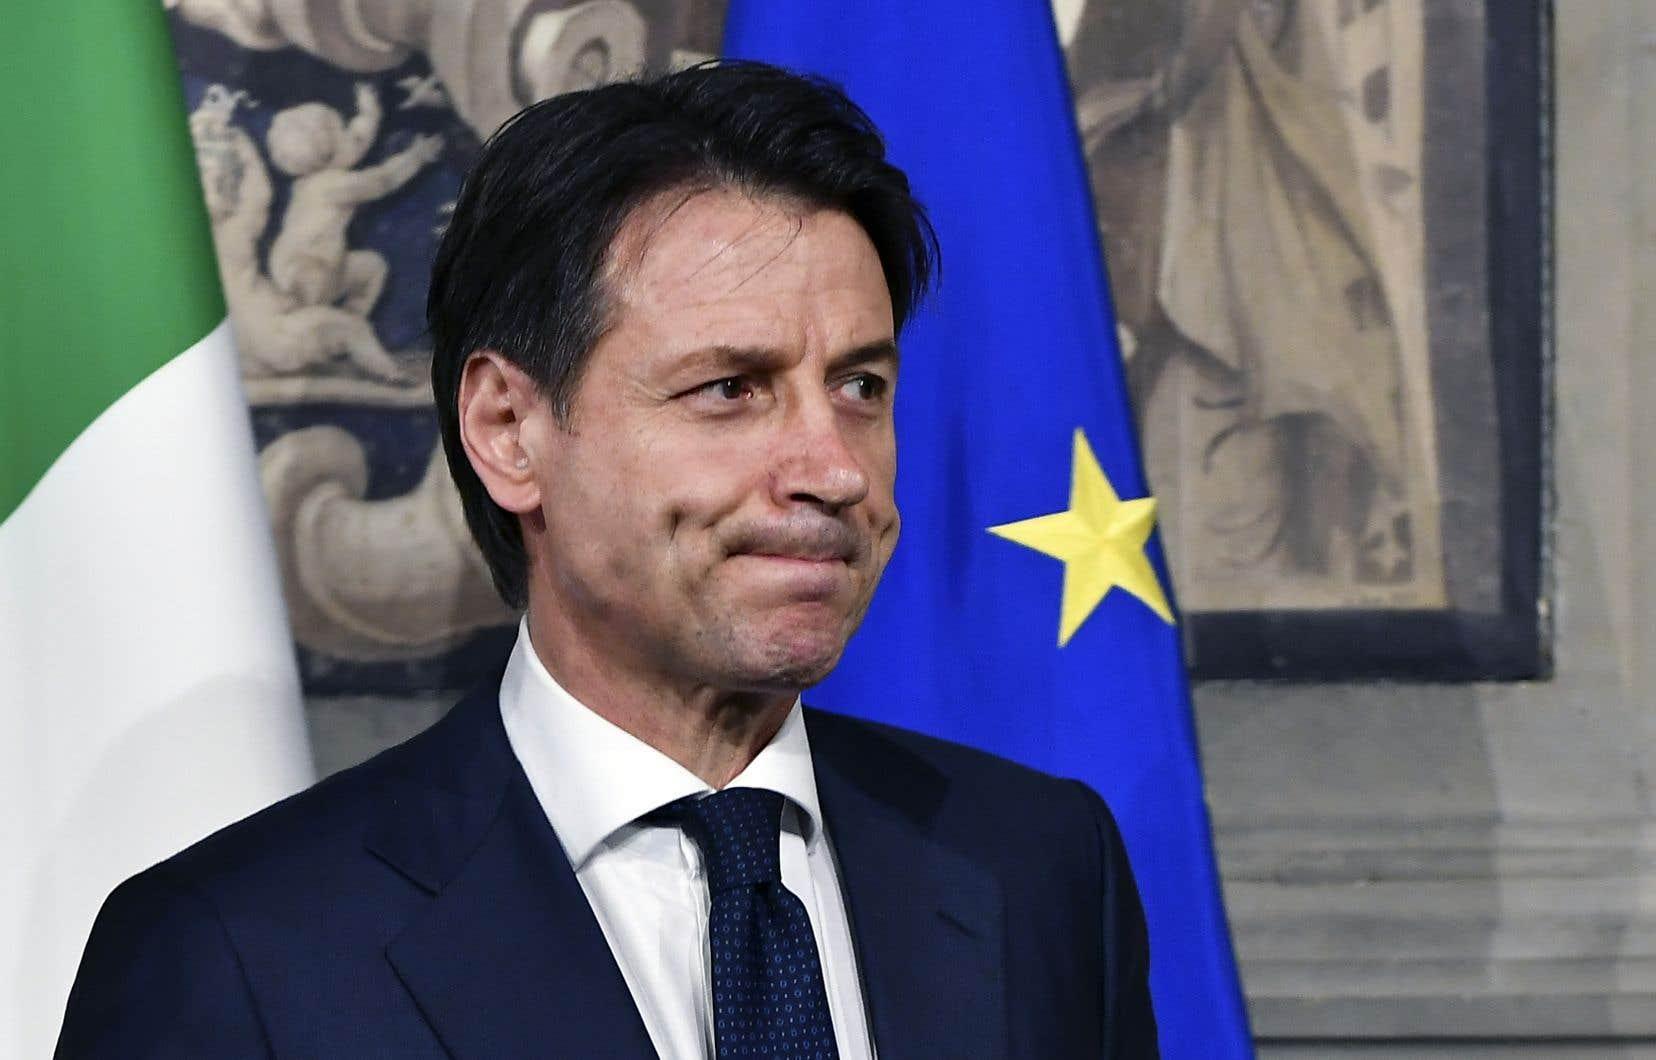 Le chef désigné du gouvernement italien, Giuseppe Conte, a renoncé dimanche soir à être premier ministre.